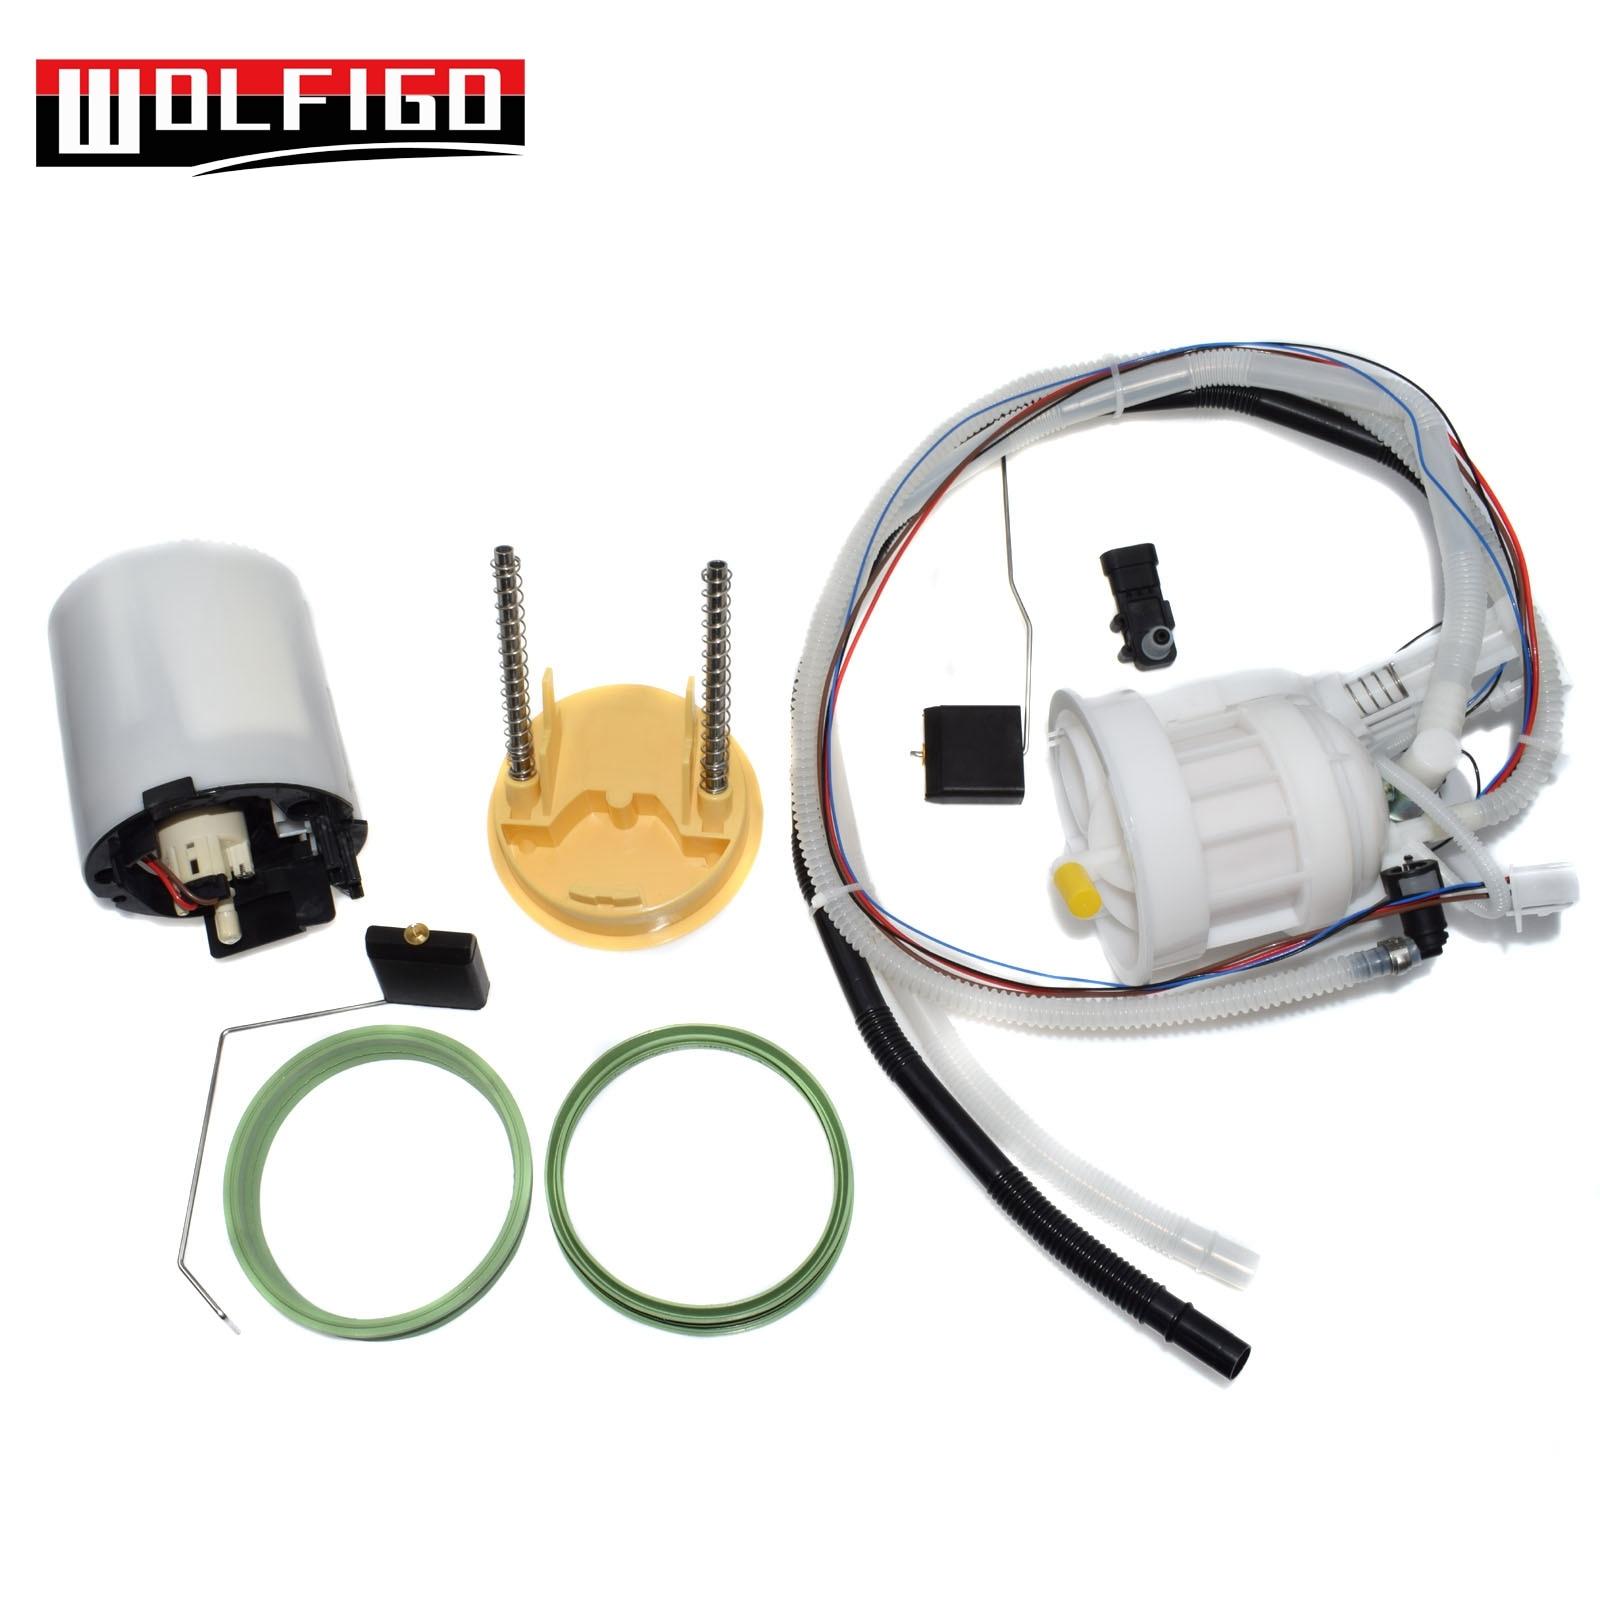 WOLFIGO 1 PC/1 paire gauche droite pompes à essence complètes avec 2 joints pour Mercedes E320 2114704194, 2114704094